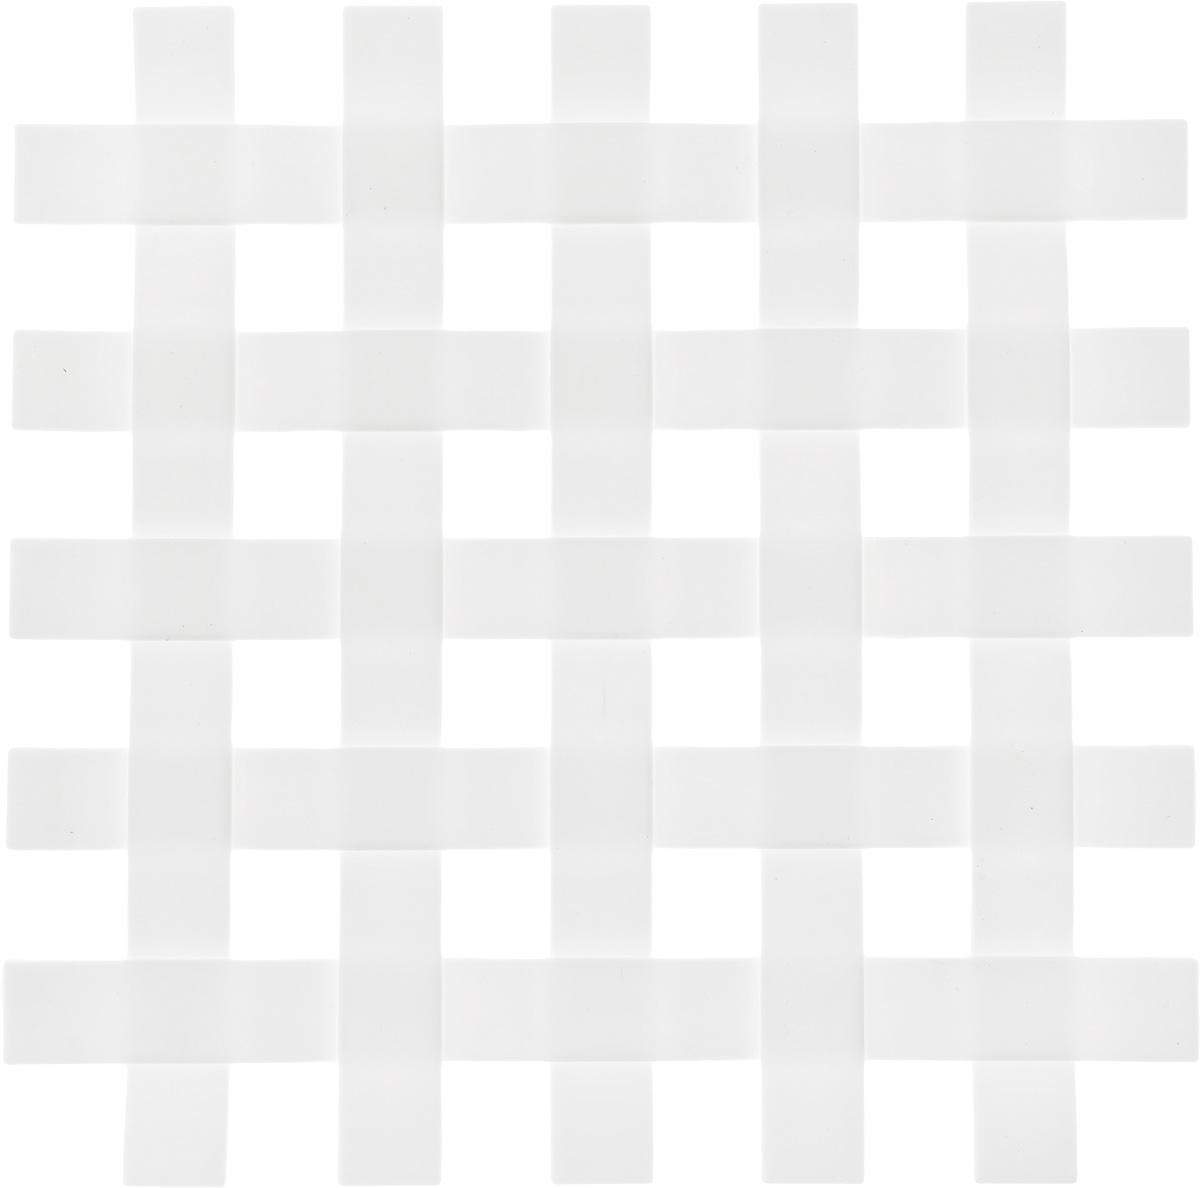 Подставка под горячее Zeller, цвет: белый, 17,2 х 17,2 см27232_белыйПодставка под горячее Zeller в виде решетки изготовлена из силикона. Материал позволяет выдерживать высокие температуры и не скользит по поверхности стола. Каждая хозяйка знает, что подставка под горячее - это незаменимый и очень полезный аксессуар на каждой кухне. Ваш стол будет не только украшен оригинальной подставкой, но и избежит воздействия высоких температур.